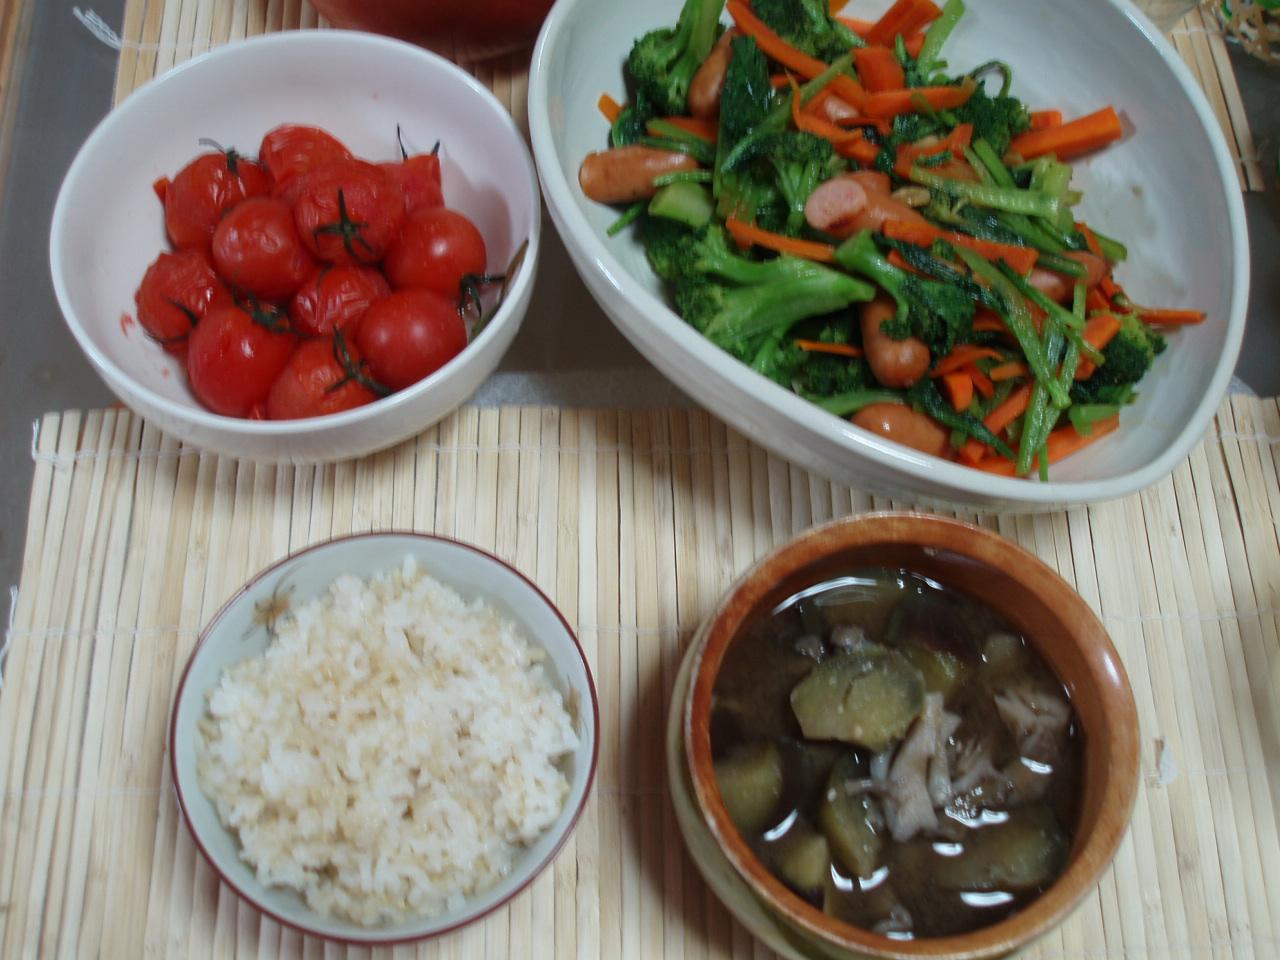 「栄養たっぷり中華風野菜炒めとプチトマトのローリエ煮」♪_b0137453_14591993.jpg